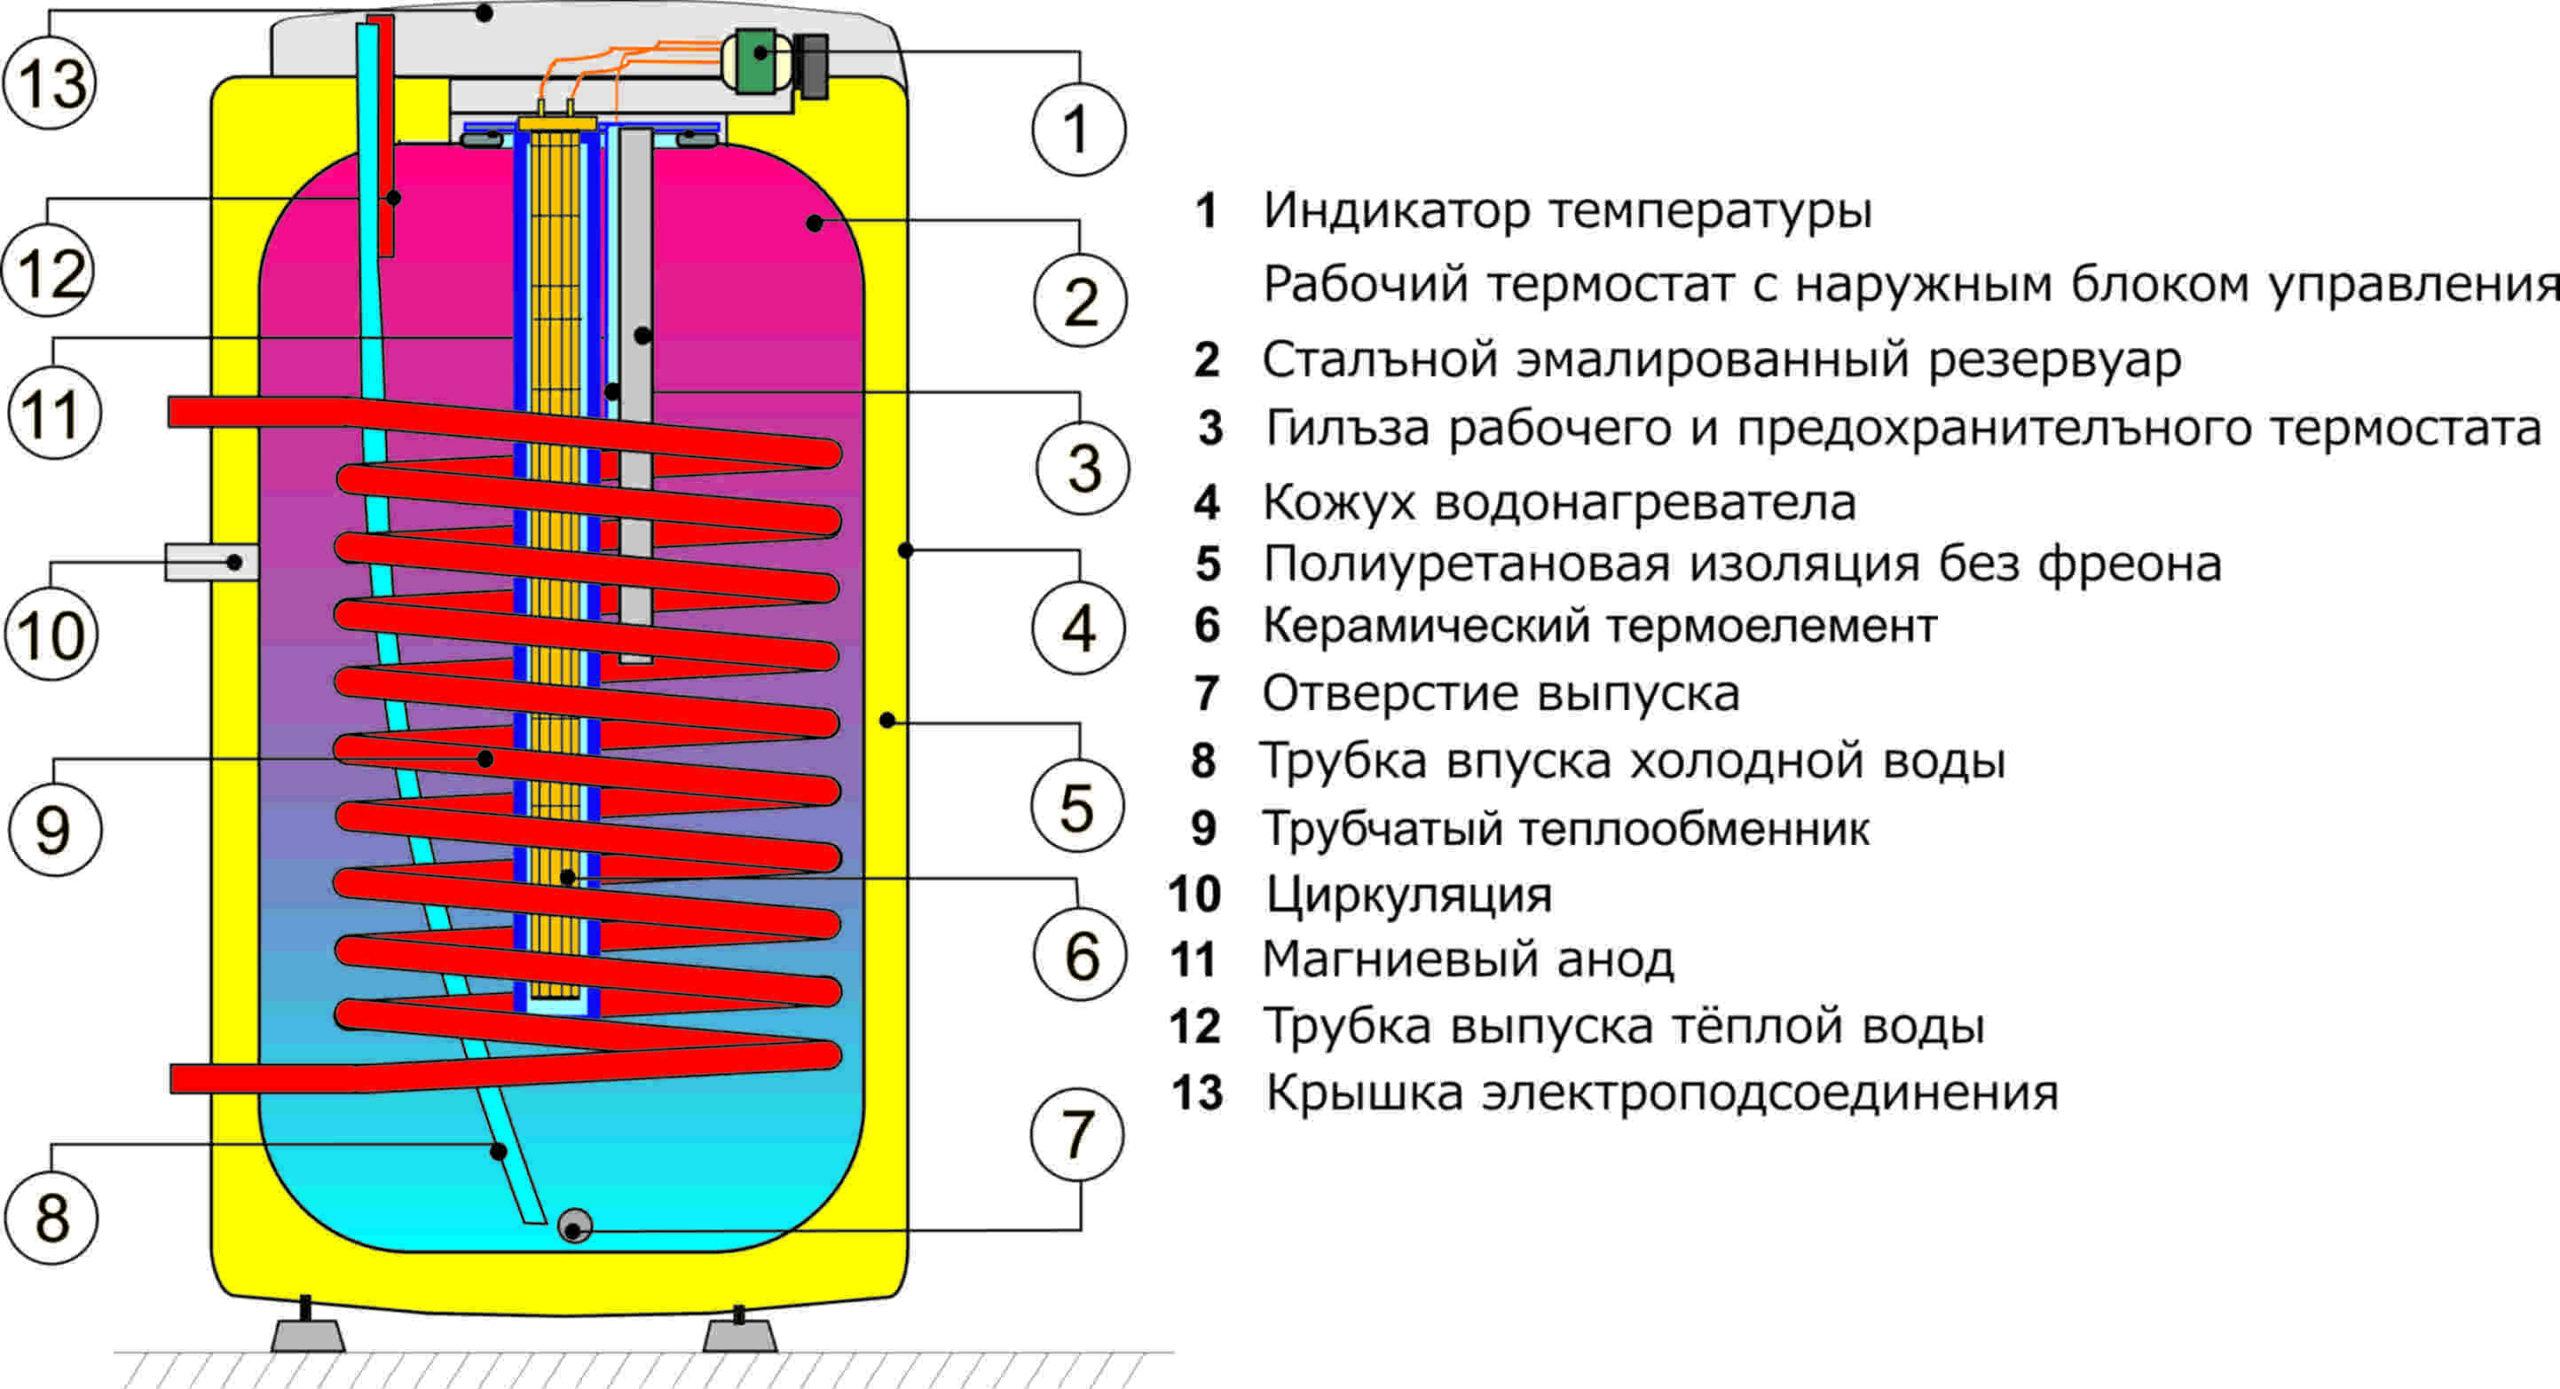 Комбинированная модель OKCE 100 NTR с керамическим ТЭНом (2,2kW)